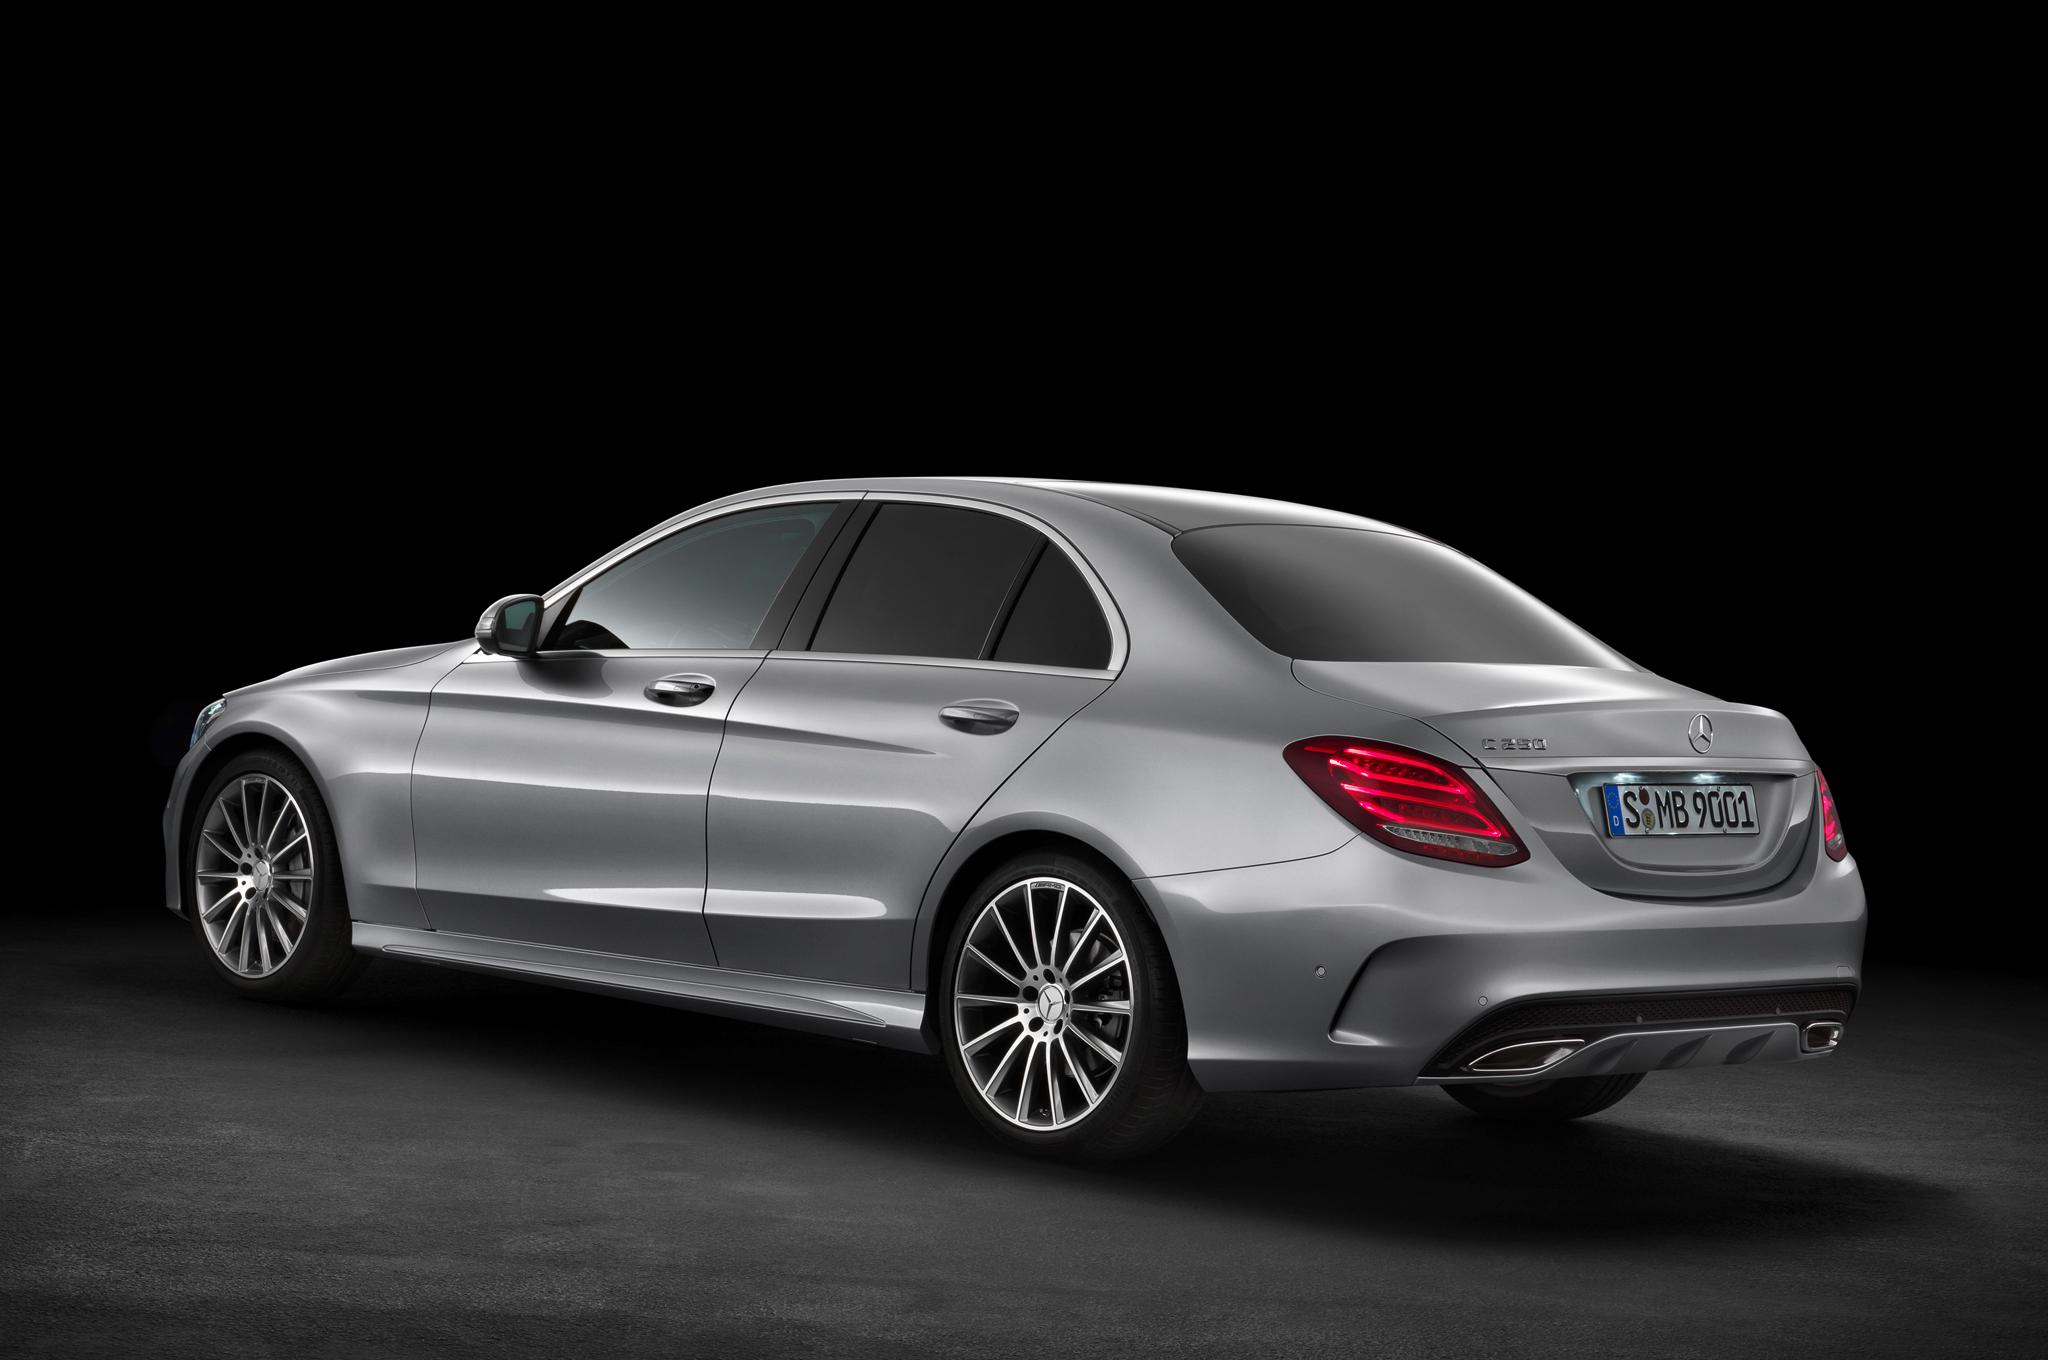 2015-Mercedes-Benz-C-Class-rear